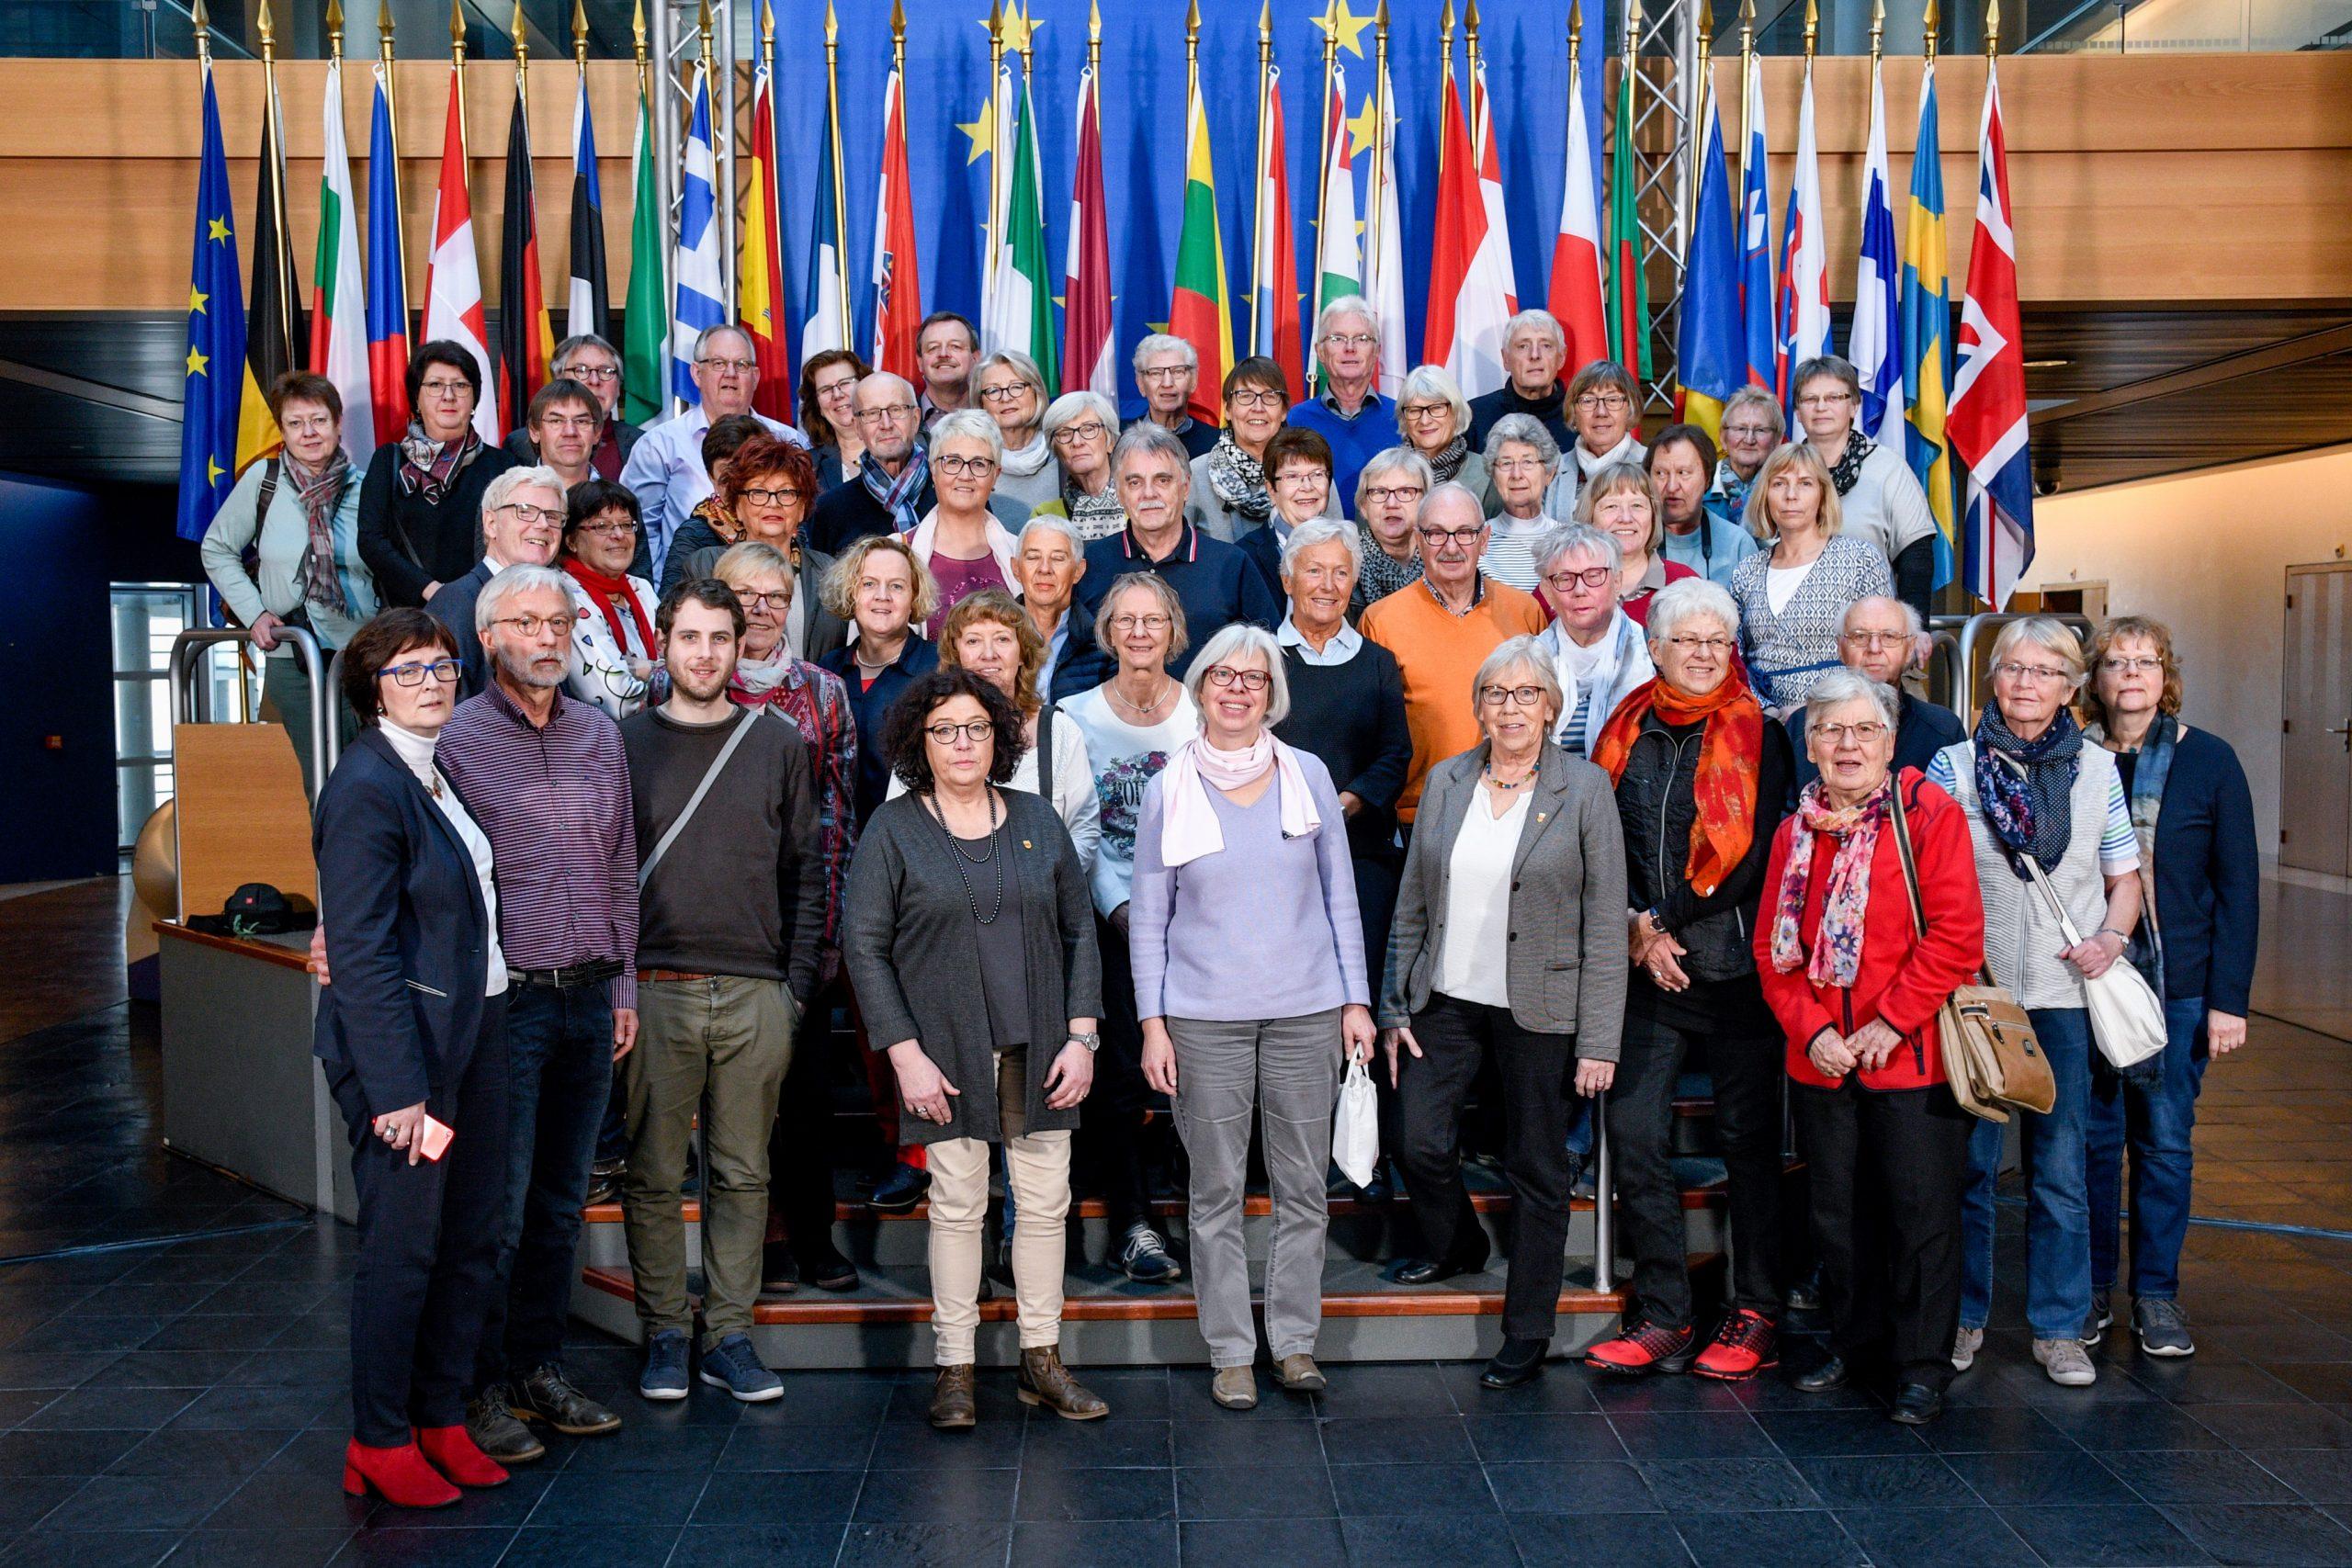 Besuchergruppe aus Westfalen im Europäischen Parlament in Straßburg